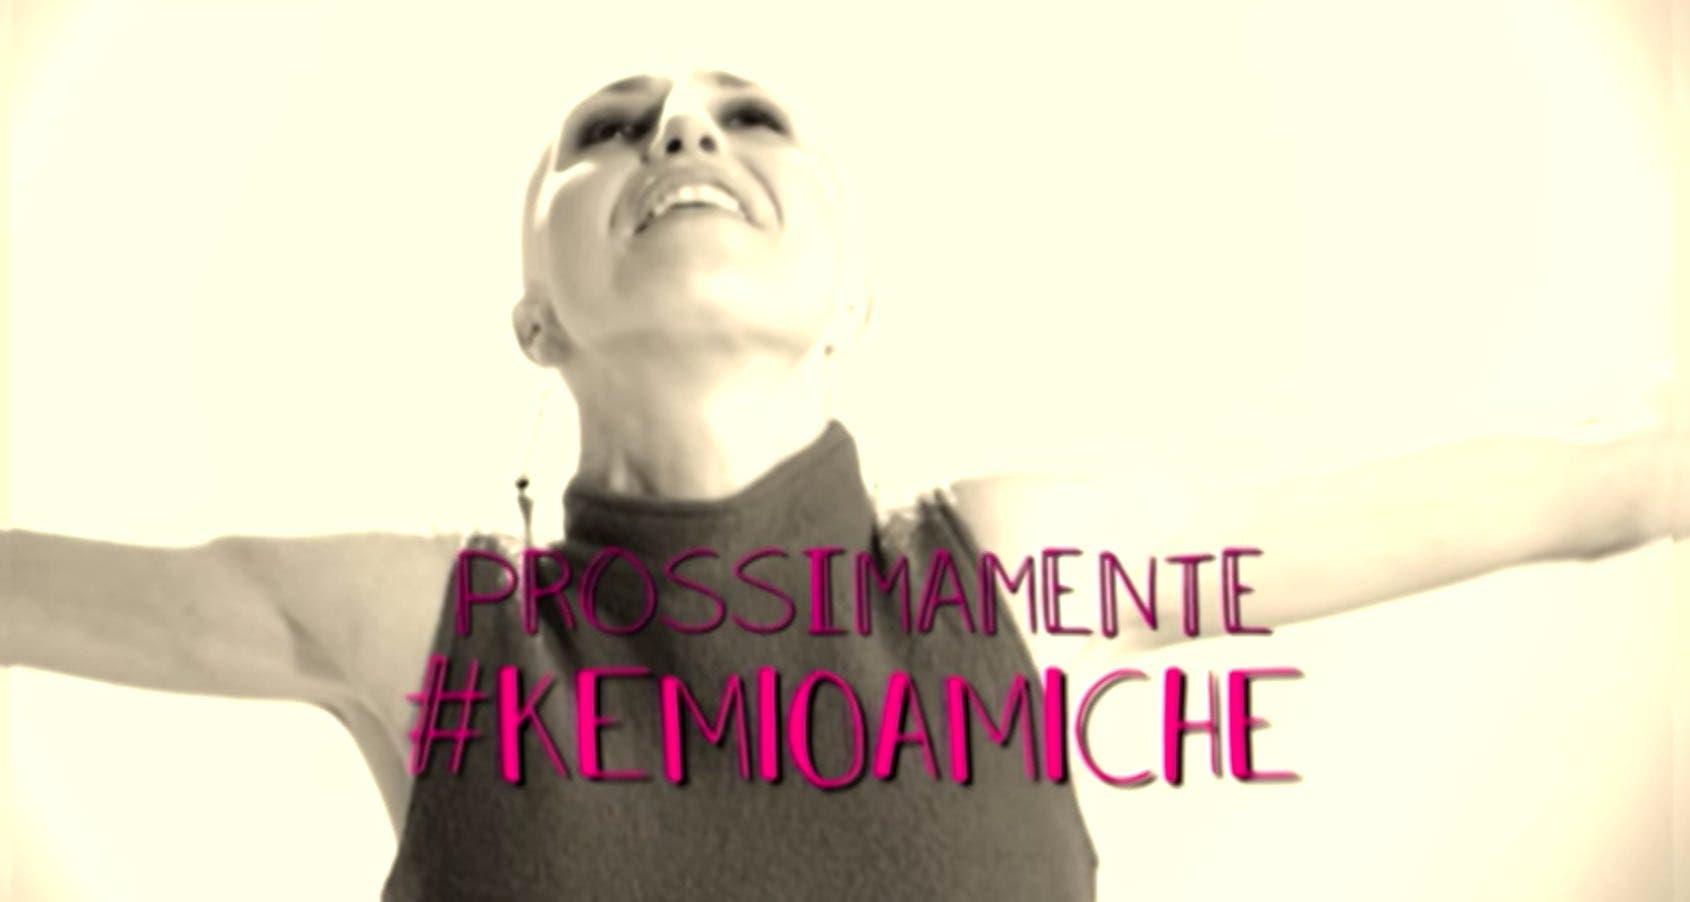 #Kemioamiche